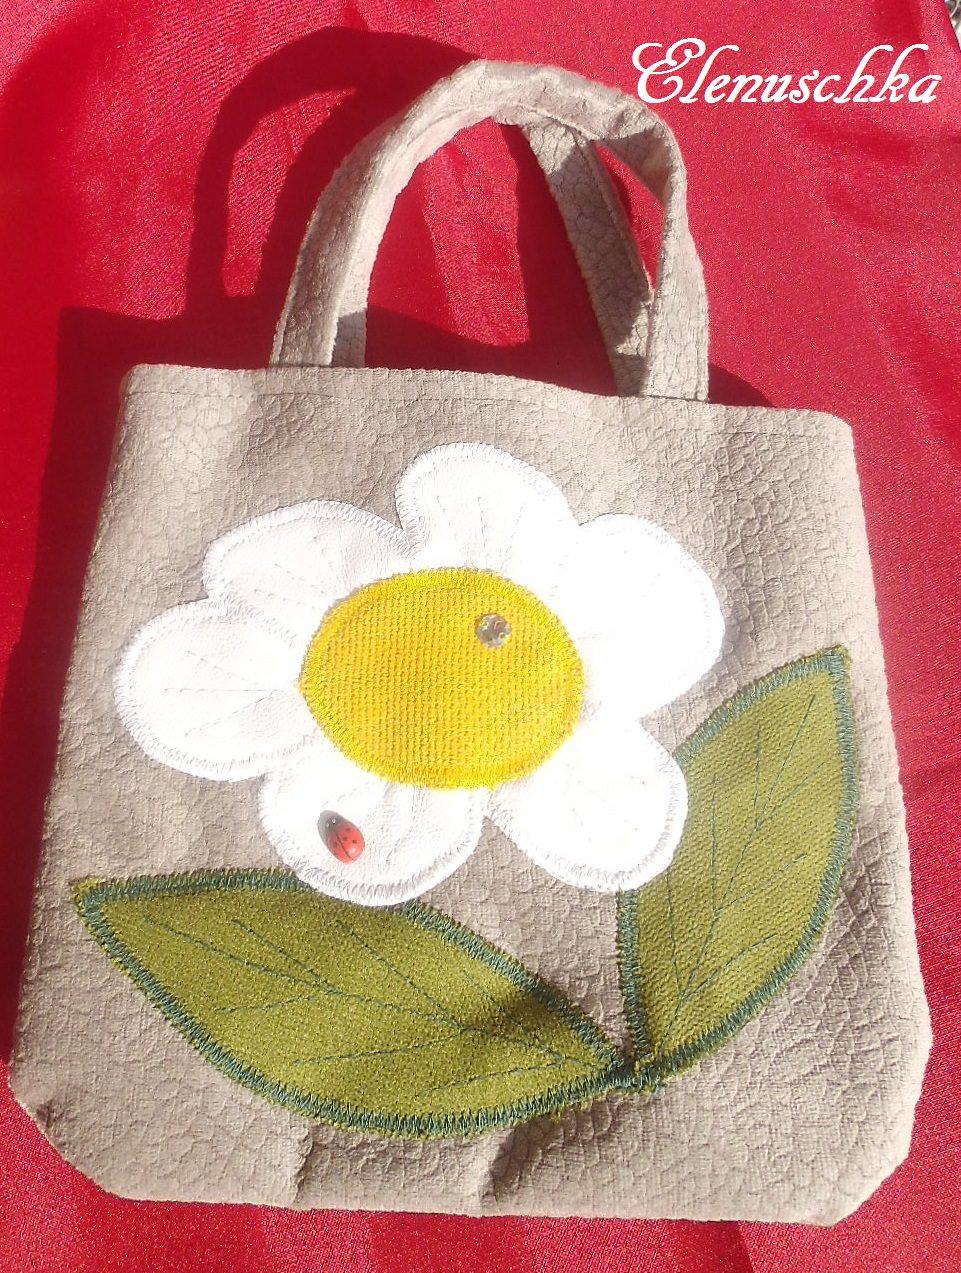 - Kinderhandtasche mit weiße Blume - Kinderhandtasche mit weiße Blume